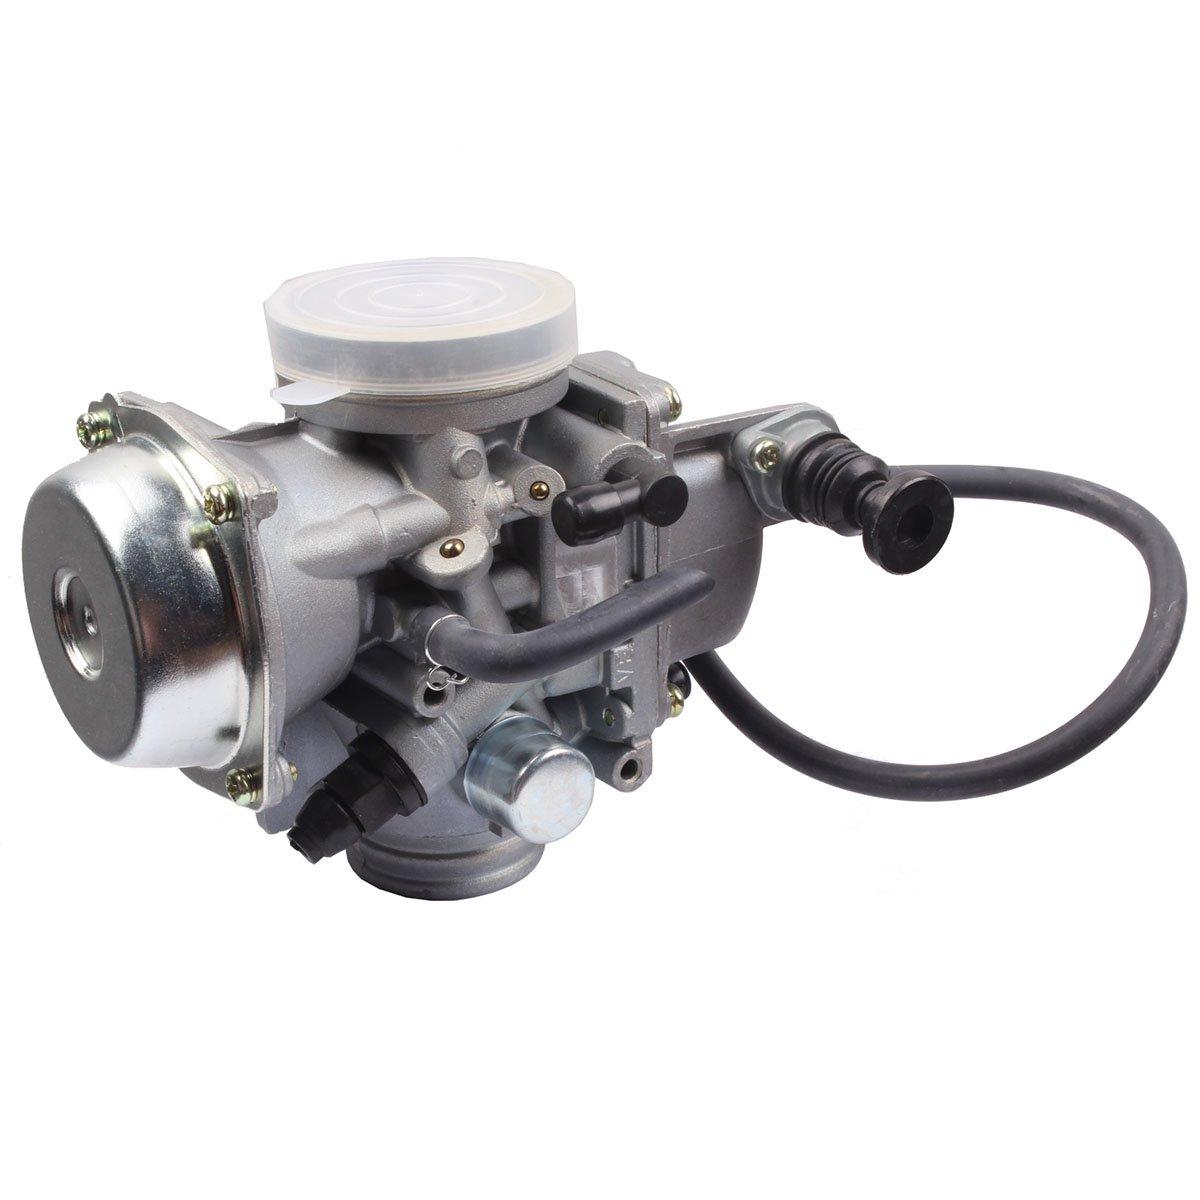 Betooll Carburetor For Honda Trx350 Atv Trx 05 350 Rancher Engine Diagram 350es Fe Fmte Tm Carb 2000 2006 Trx300 1988 Trx400 400fw Foreman